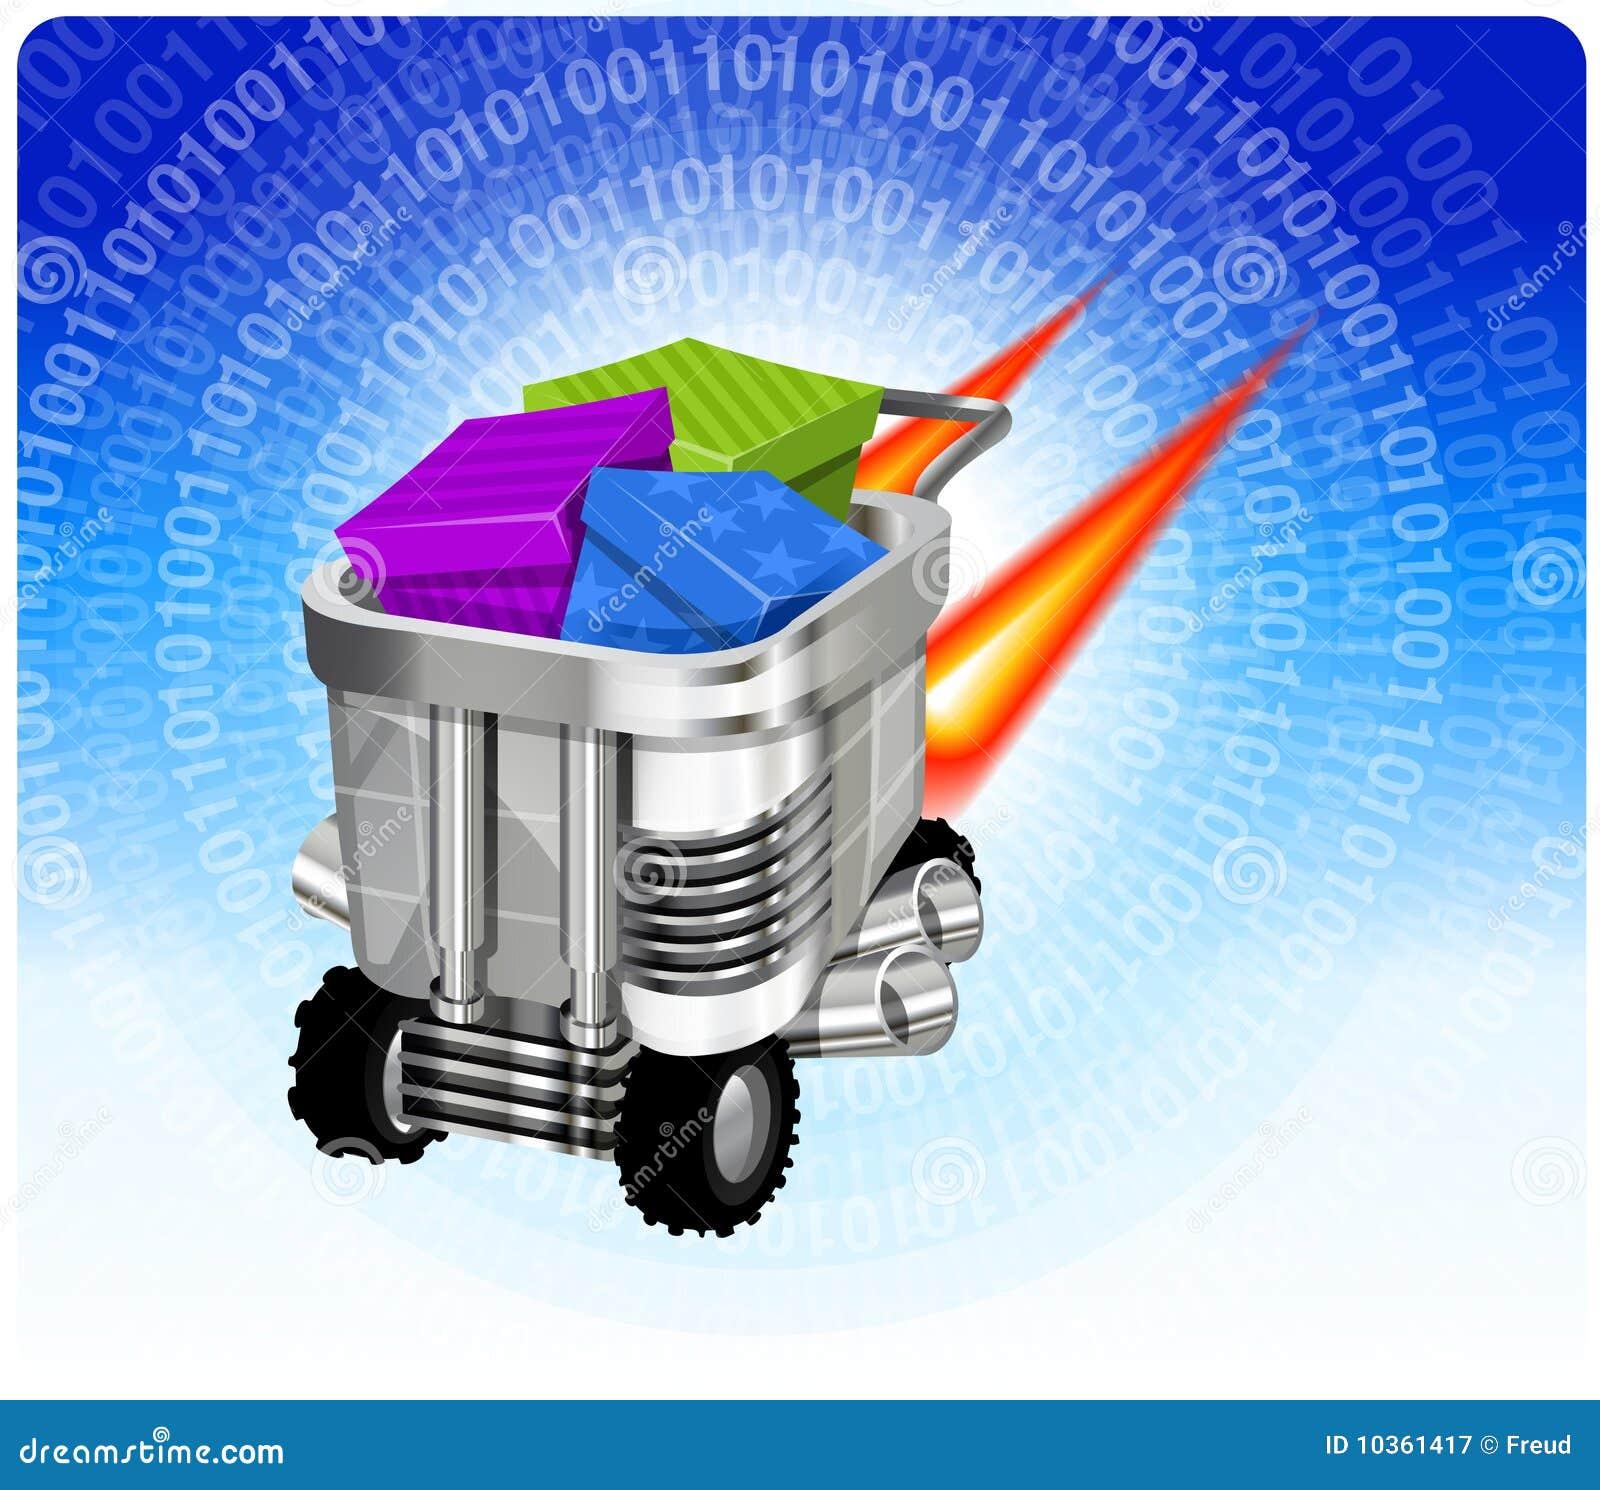 технология электронной коммерции принципиальной схемы быстроподвижная